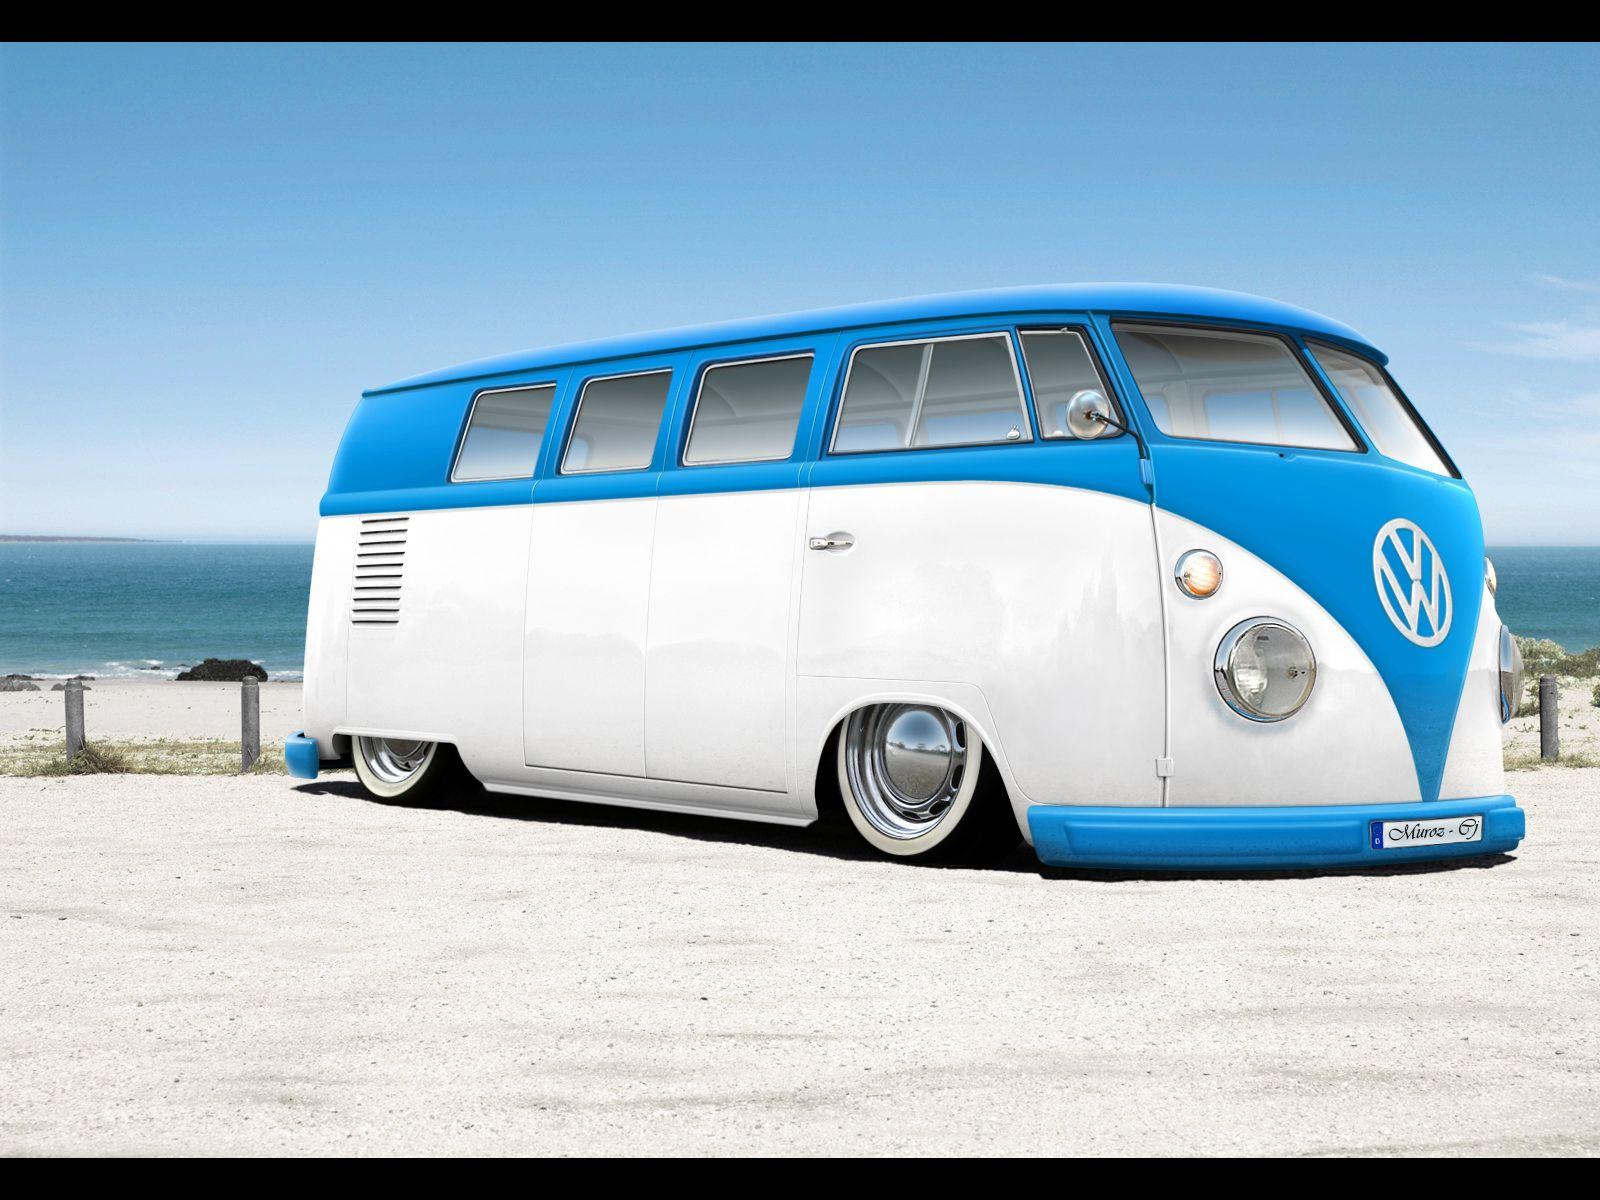 Pin De Tim Feikema En Cool Cars Autos Vw Vw Combis Y